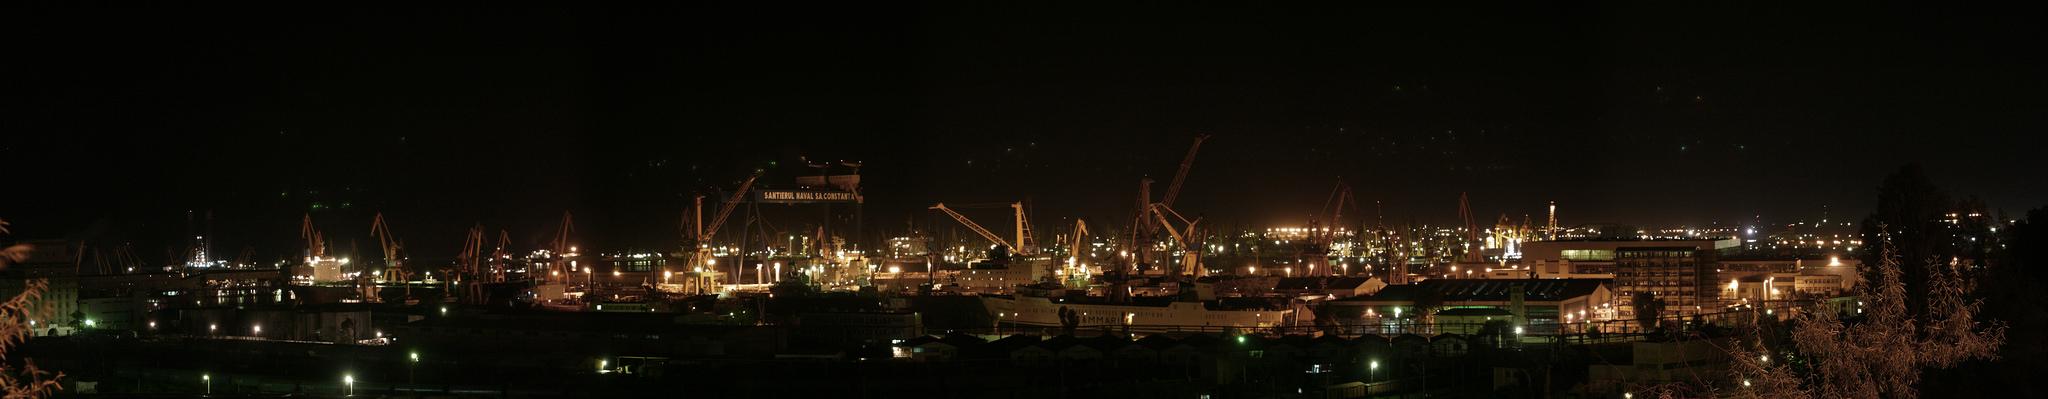 Constanta patří mezi největší evropské přístavy, Kostas Minaidis